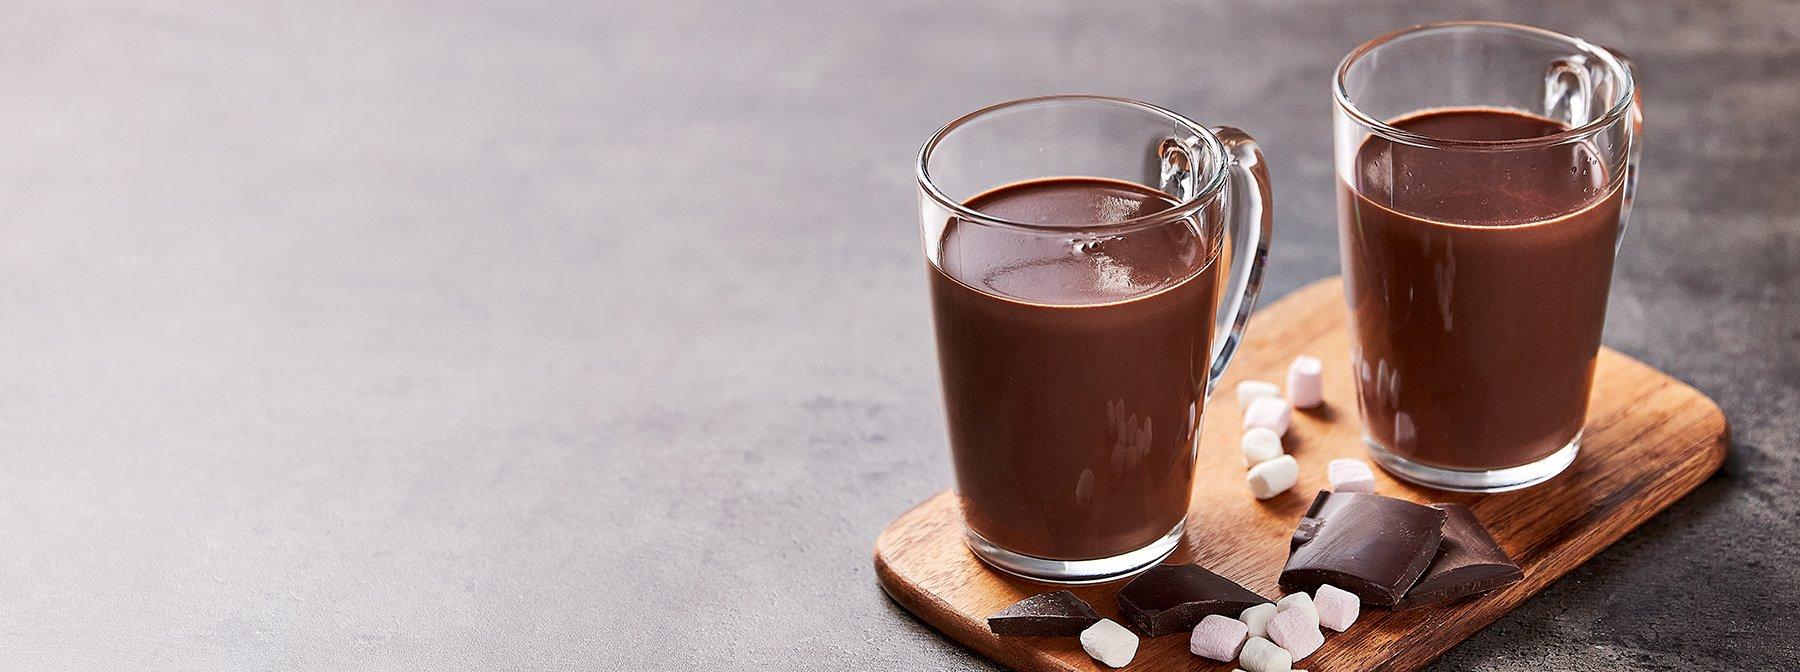 Горячий шоколад по-мексикански I Напиток для хорошего настроения